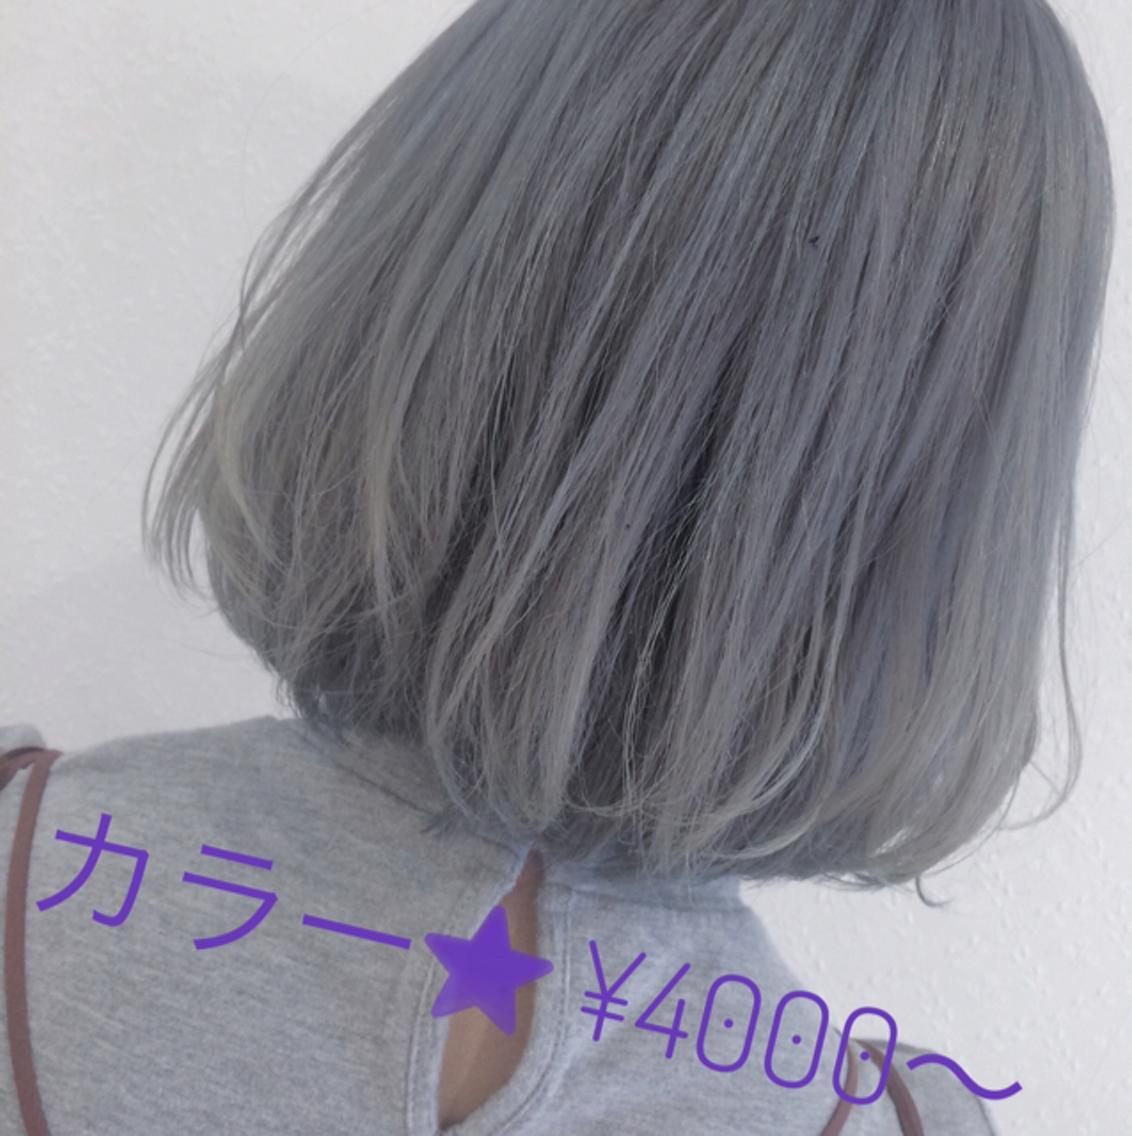 【すぐ予約OK☆】リピート率No.1*OPEN2周年記念❤️☆minimo特別破格!!カラースペシャリスト